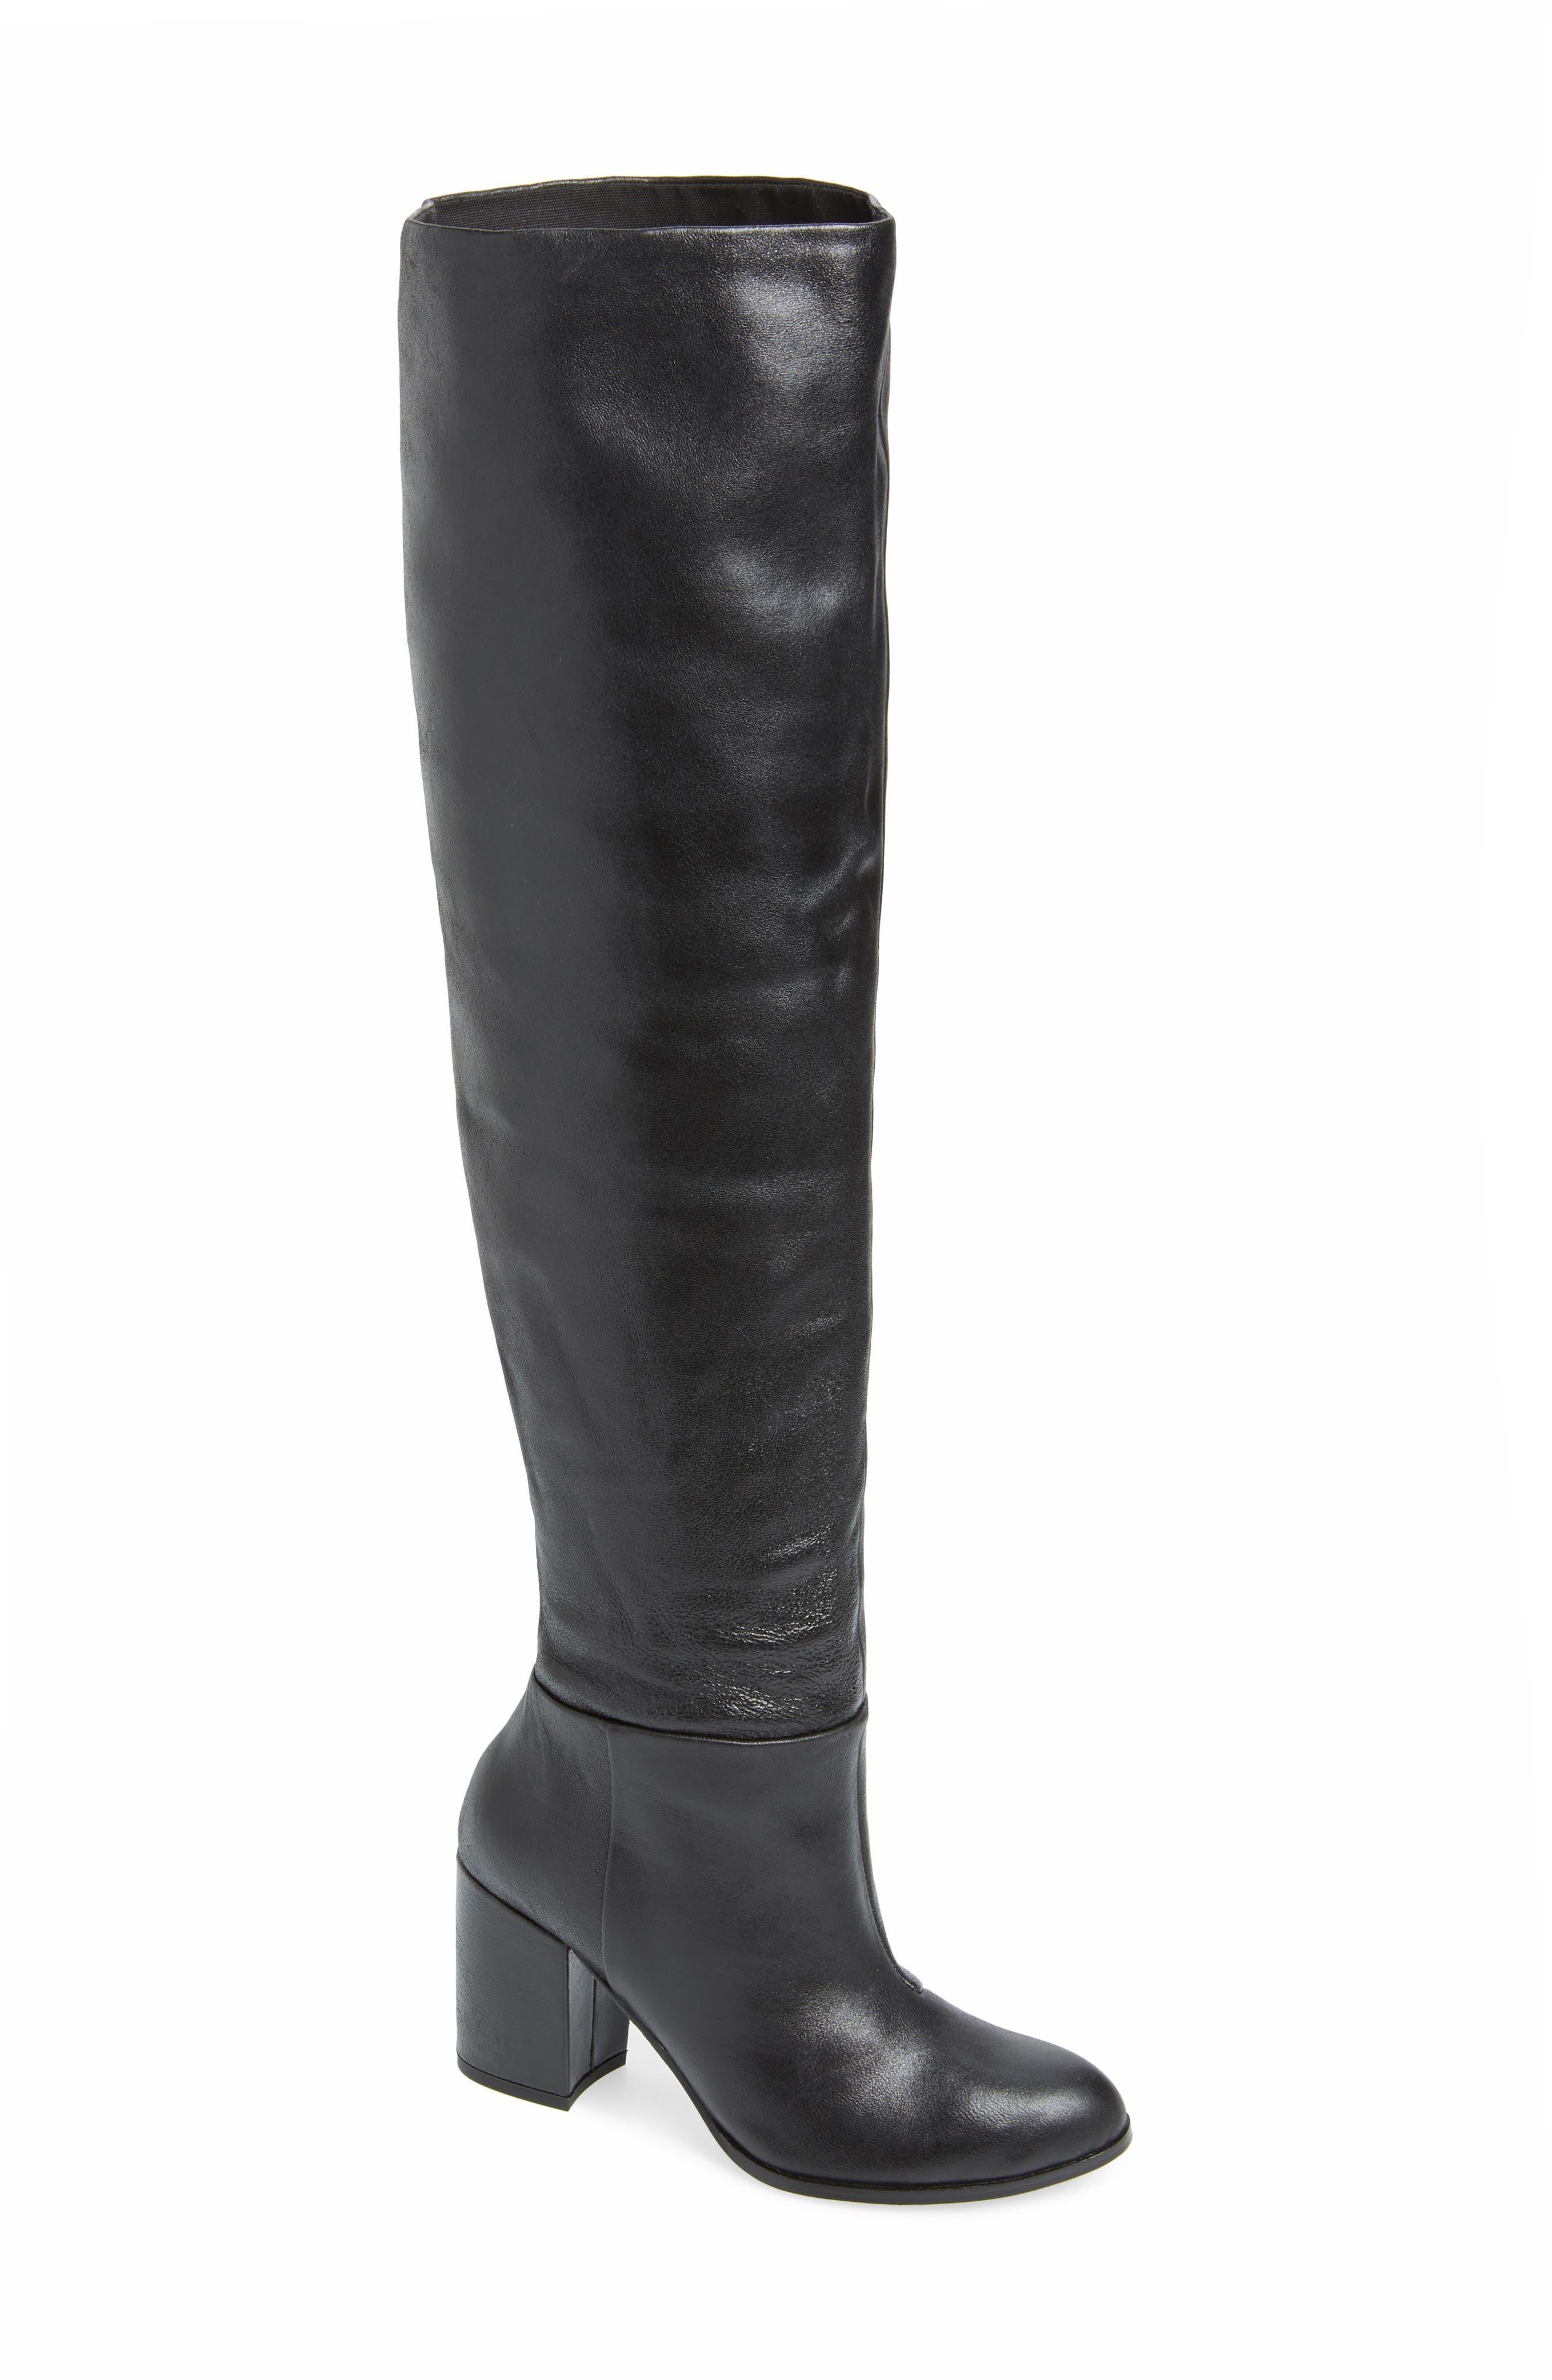 Kelsi Dagger Brooklyn Walker Over The Knee Scrunch Boot, Black